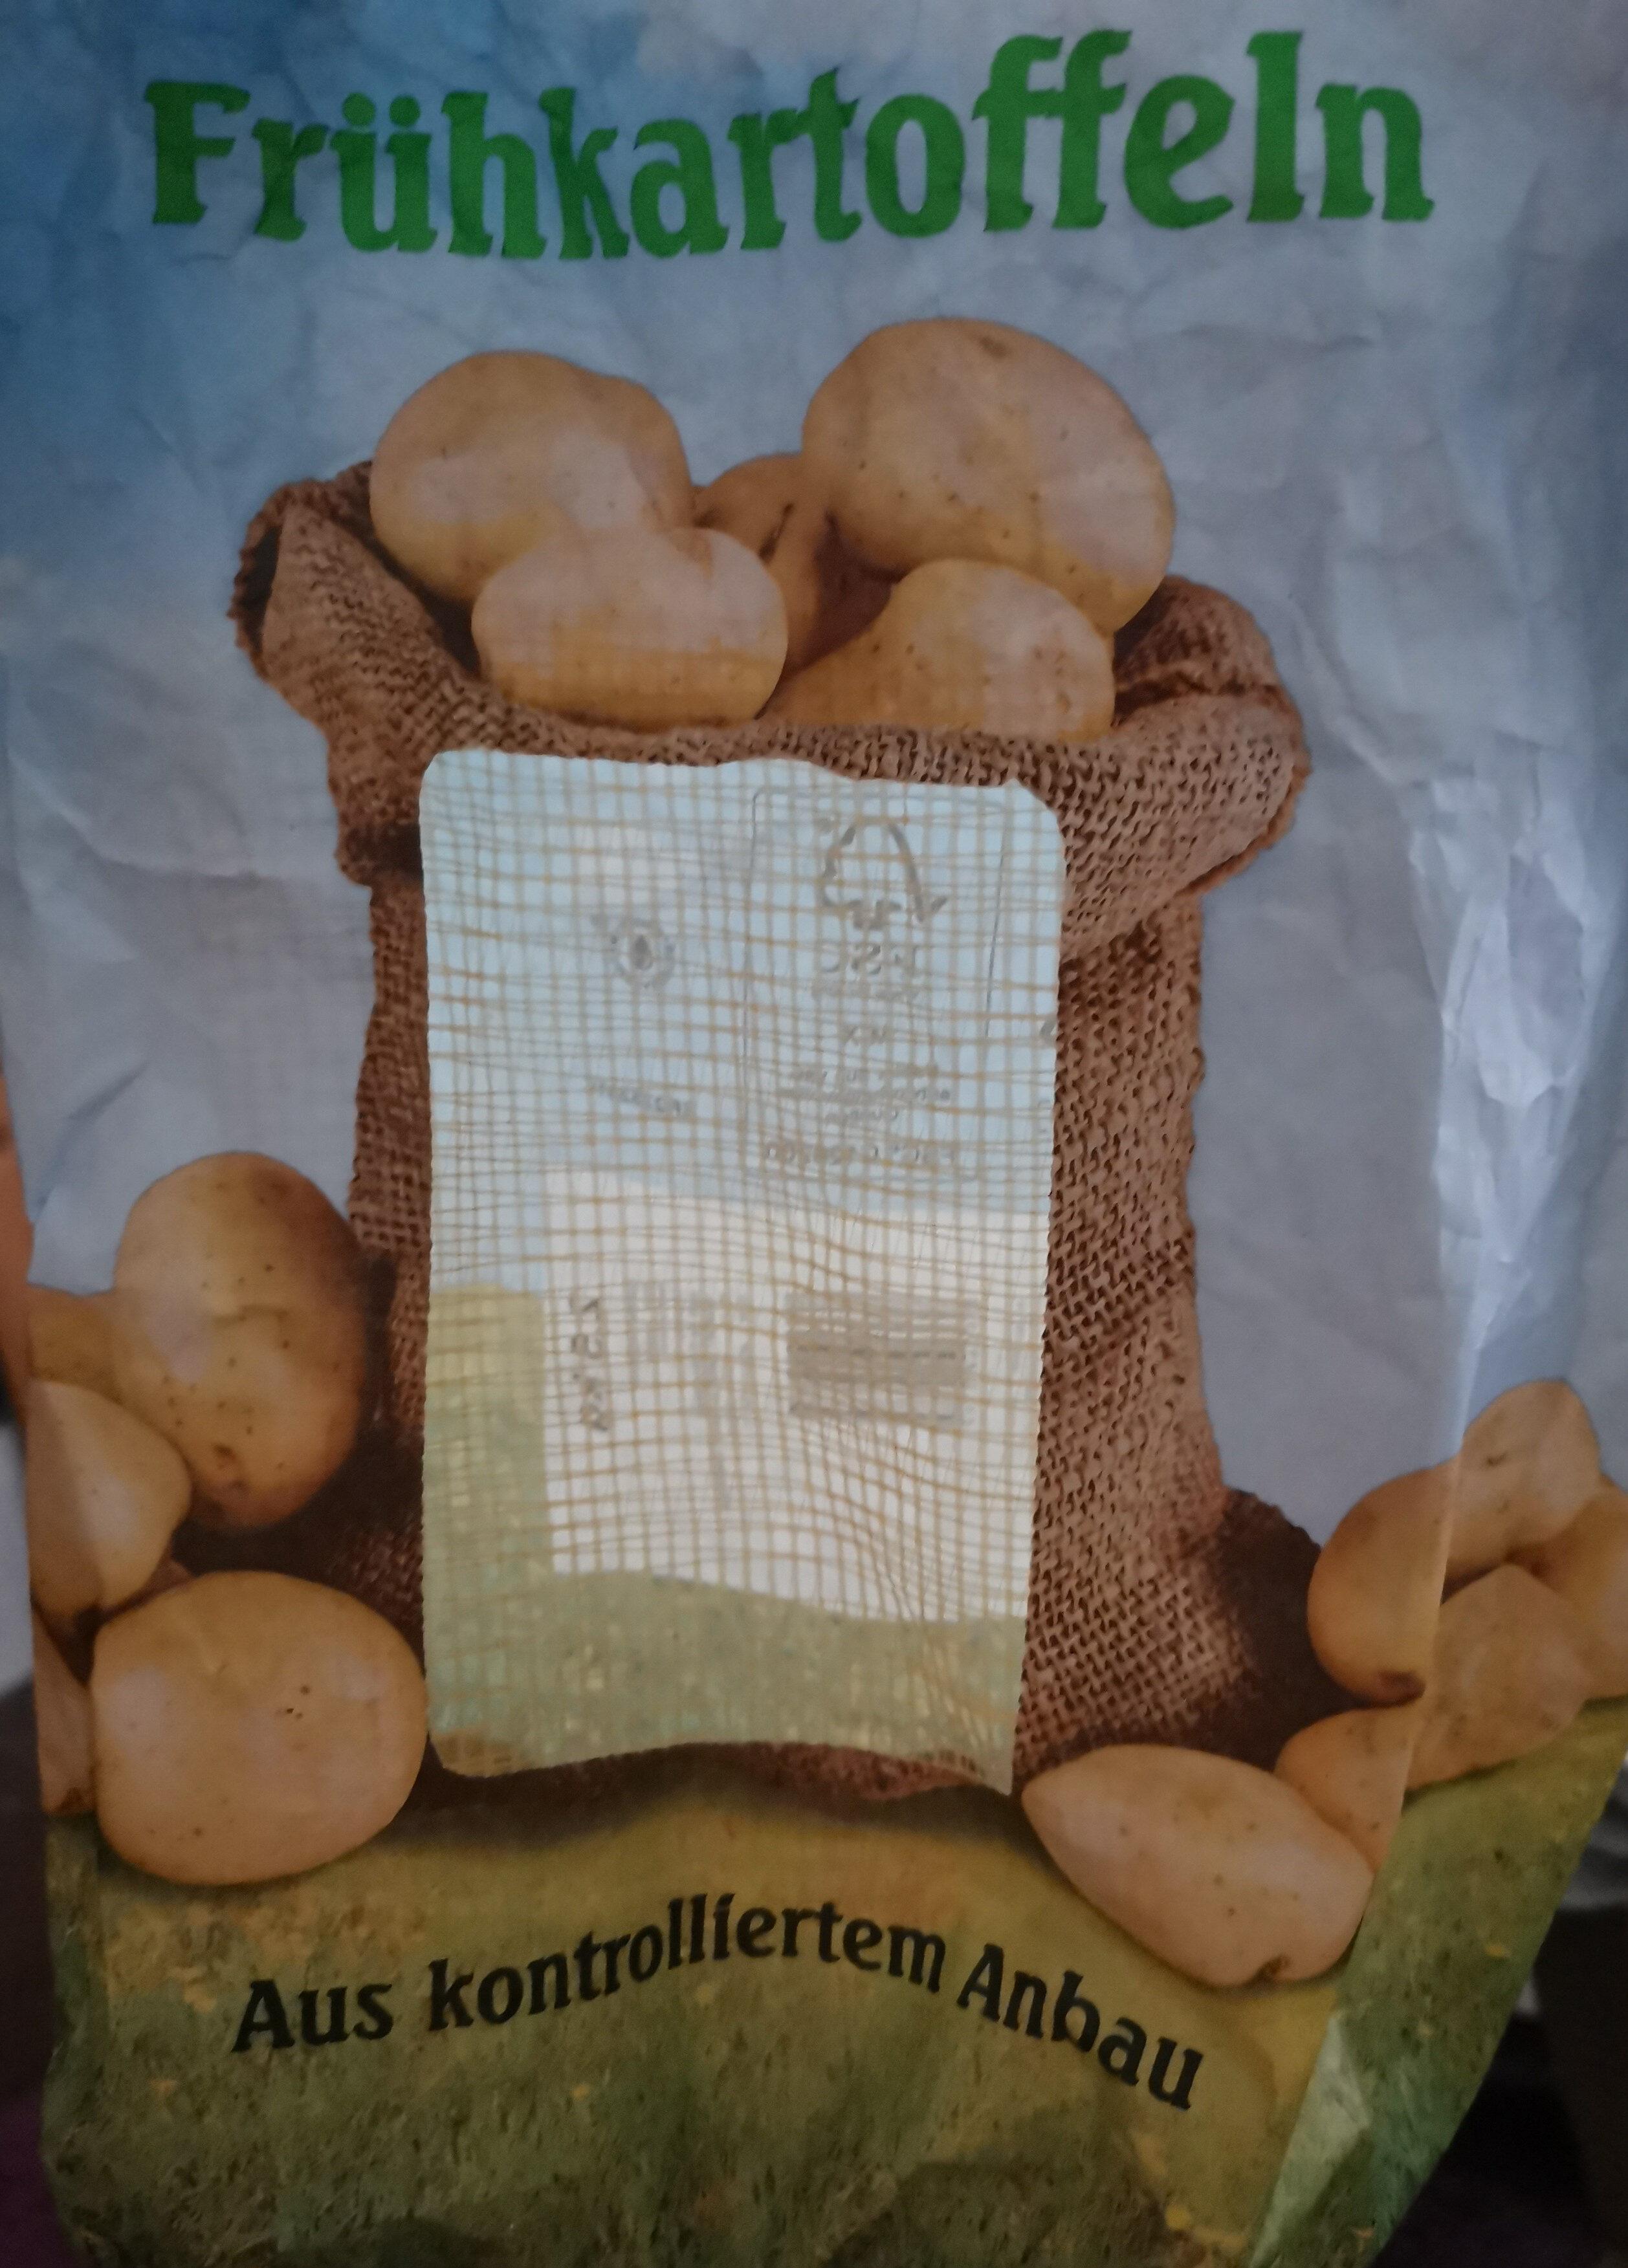 Frühkartoffeln - Product